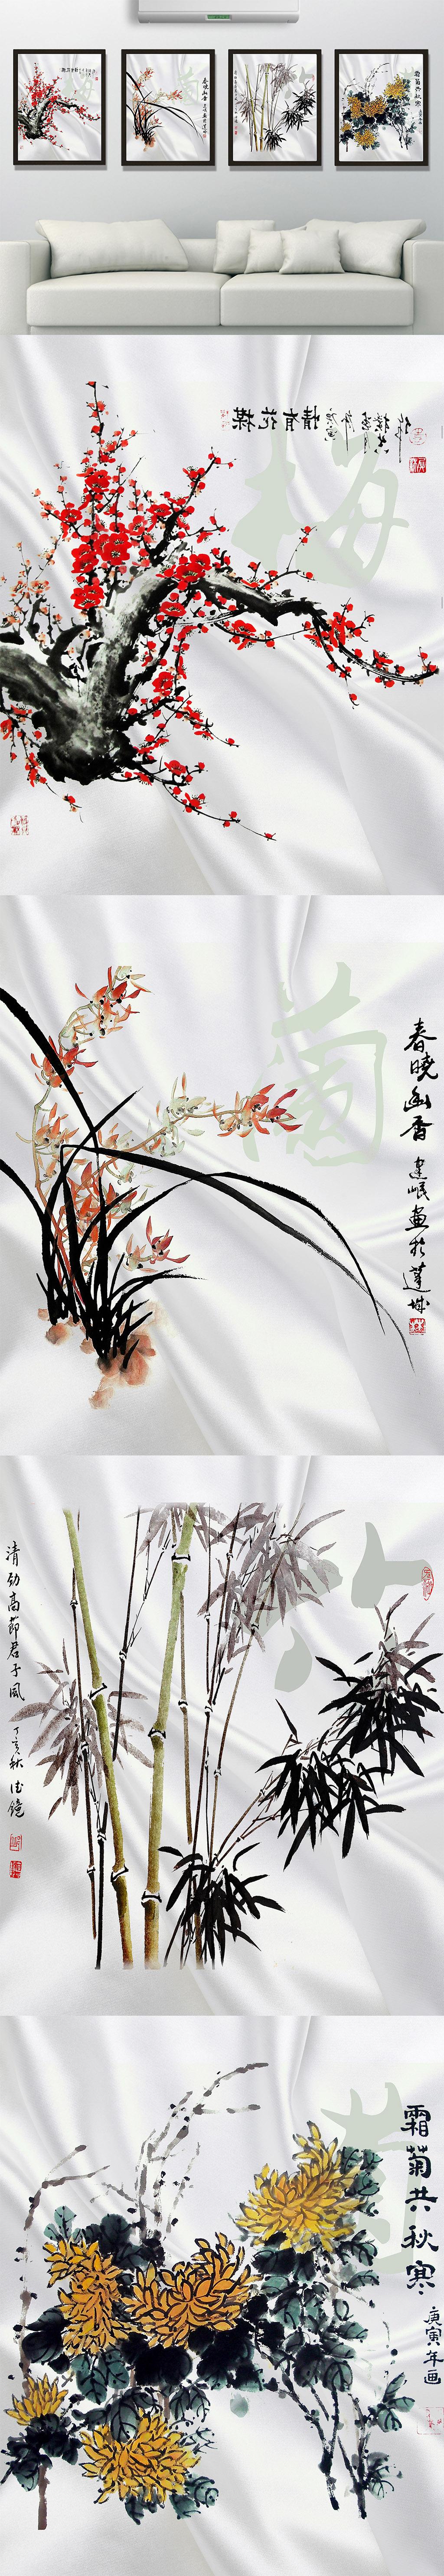 水墨画菊图片